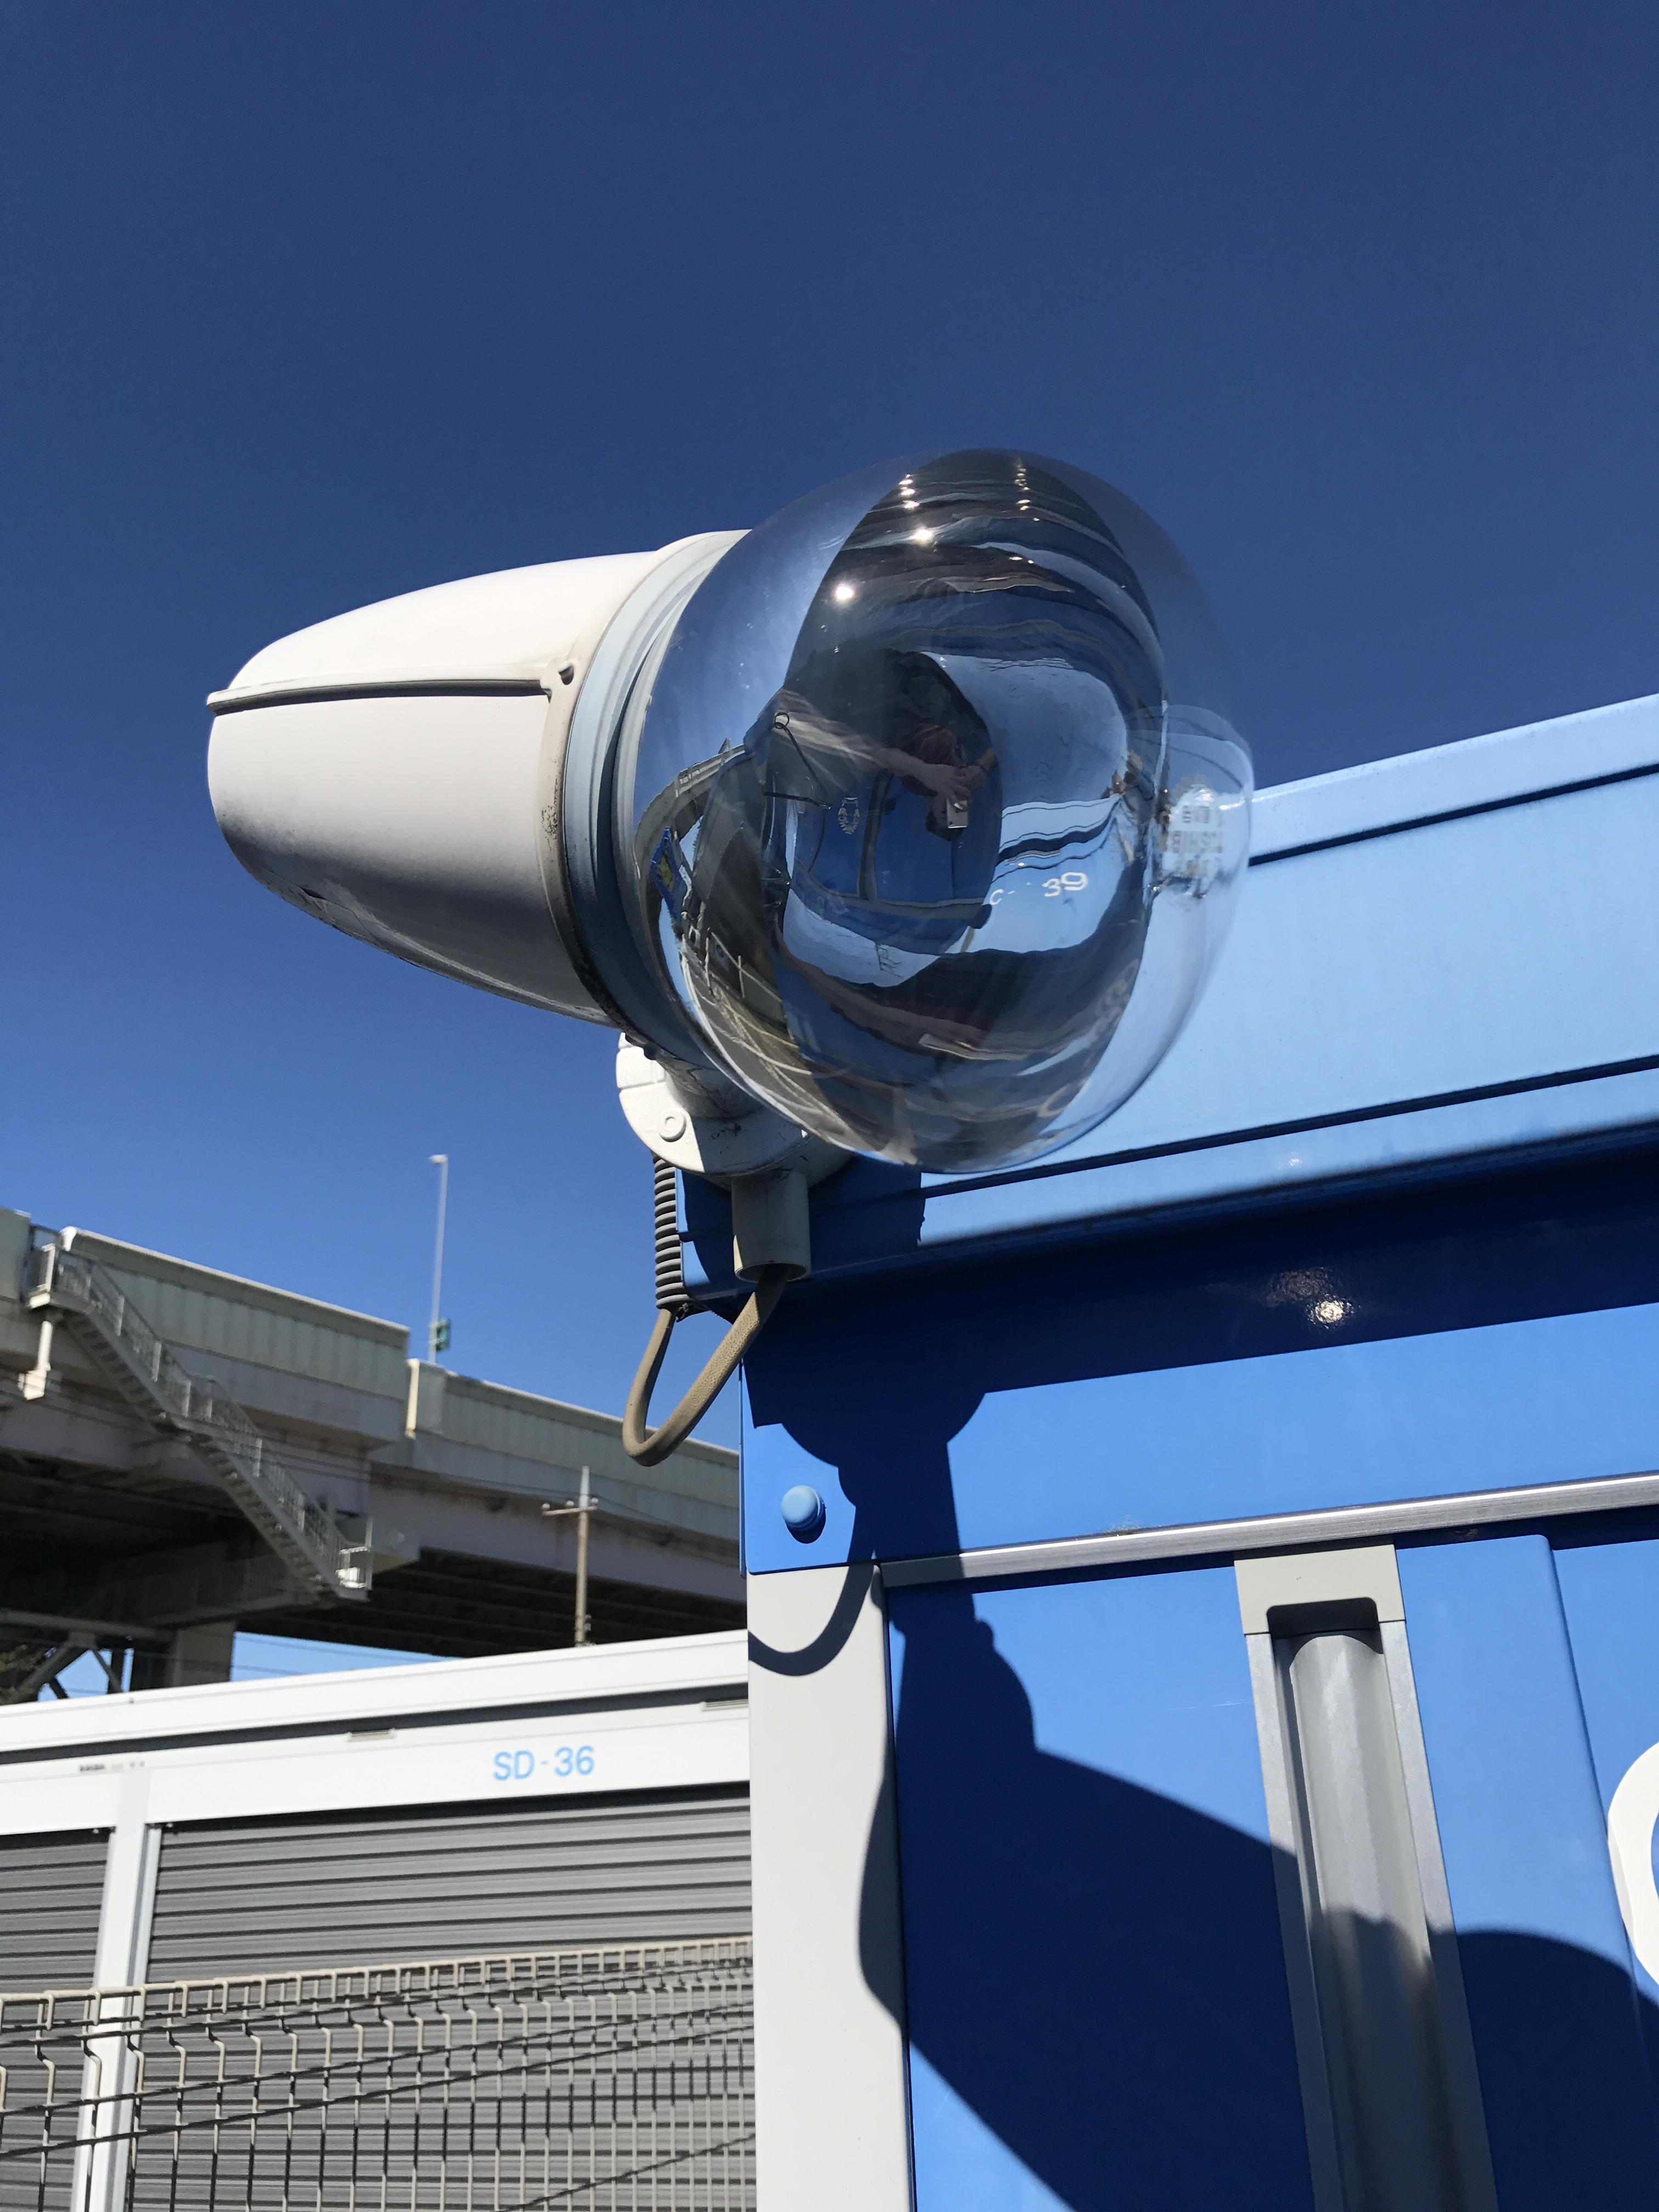 足立店 防犯カメラも設置されているので安心です